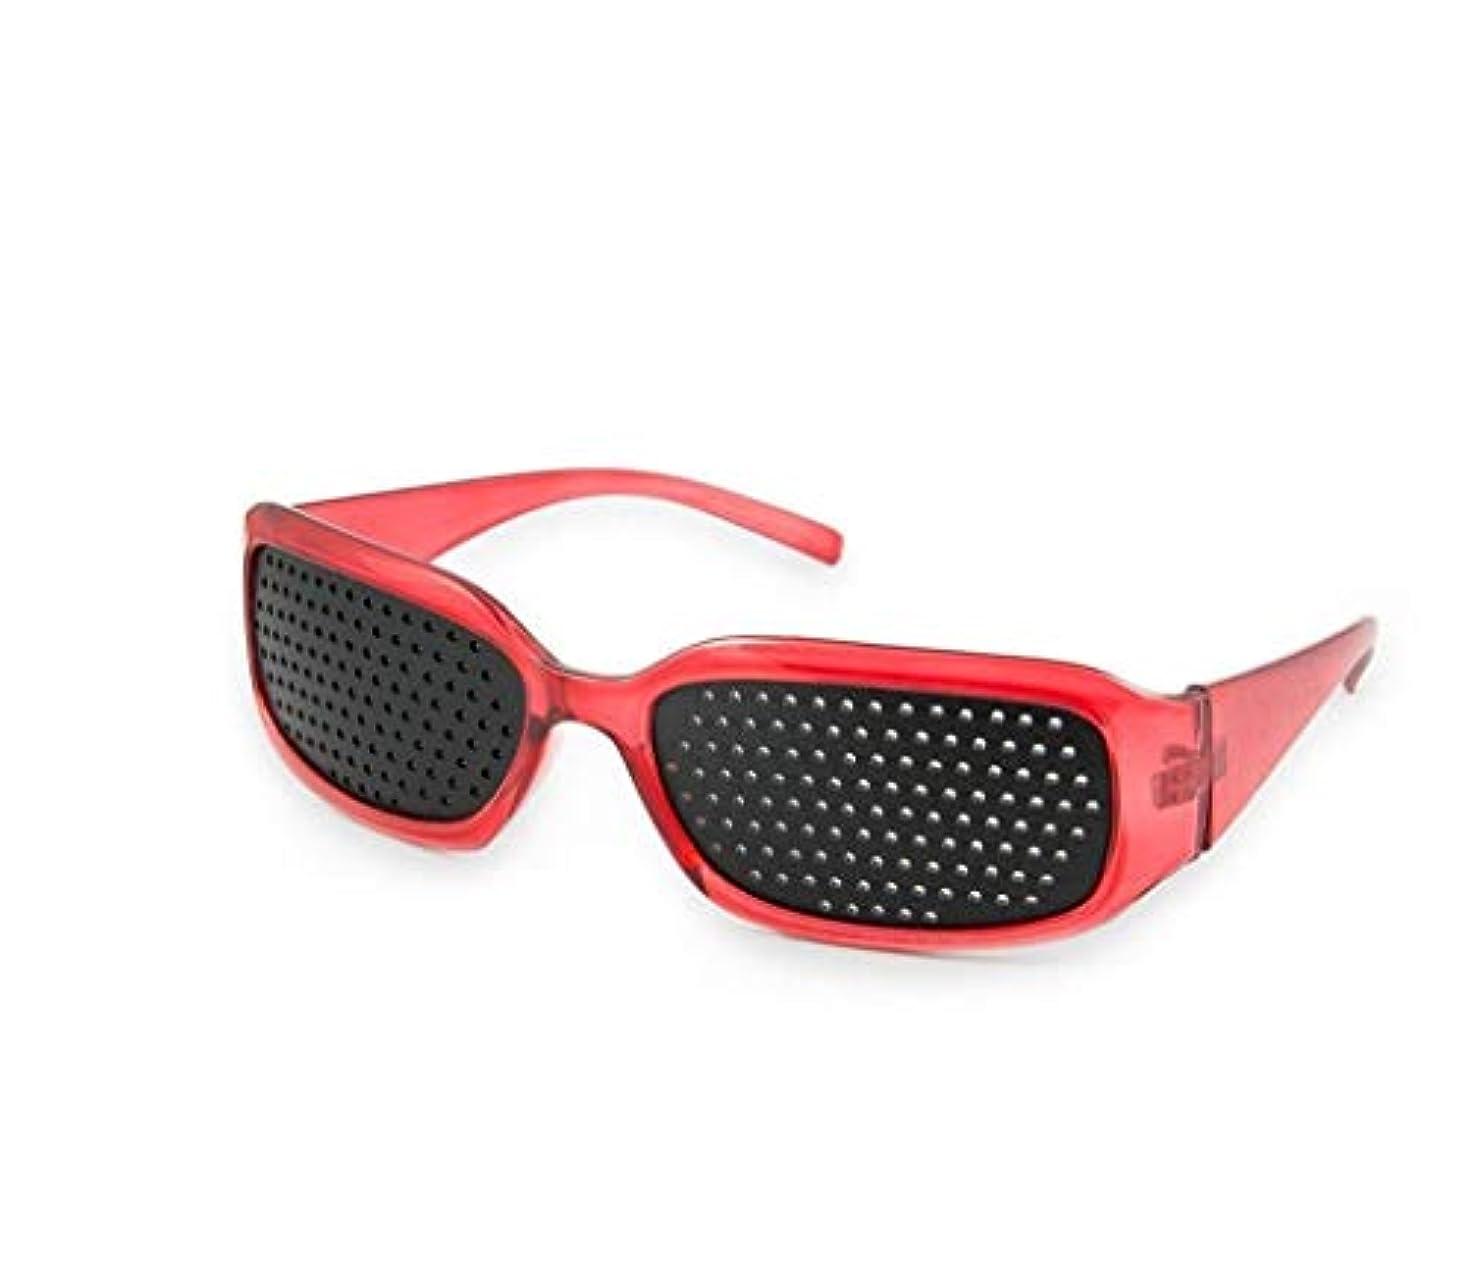 冷酷な舞い上がるデッキユニセックス視力ビジョンケアビジョンピンホールメガネアイズエクササイズファッションナチュラル (Color : 赤)